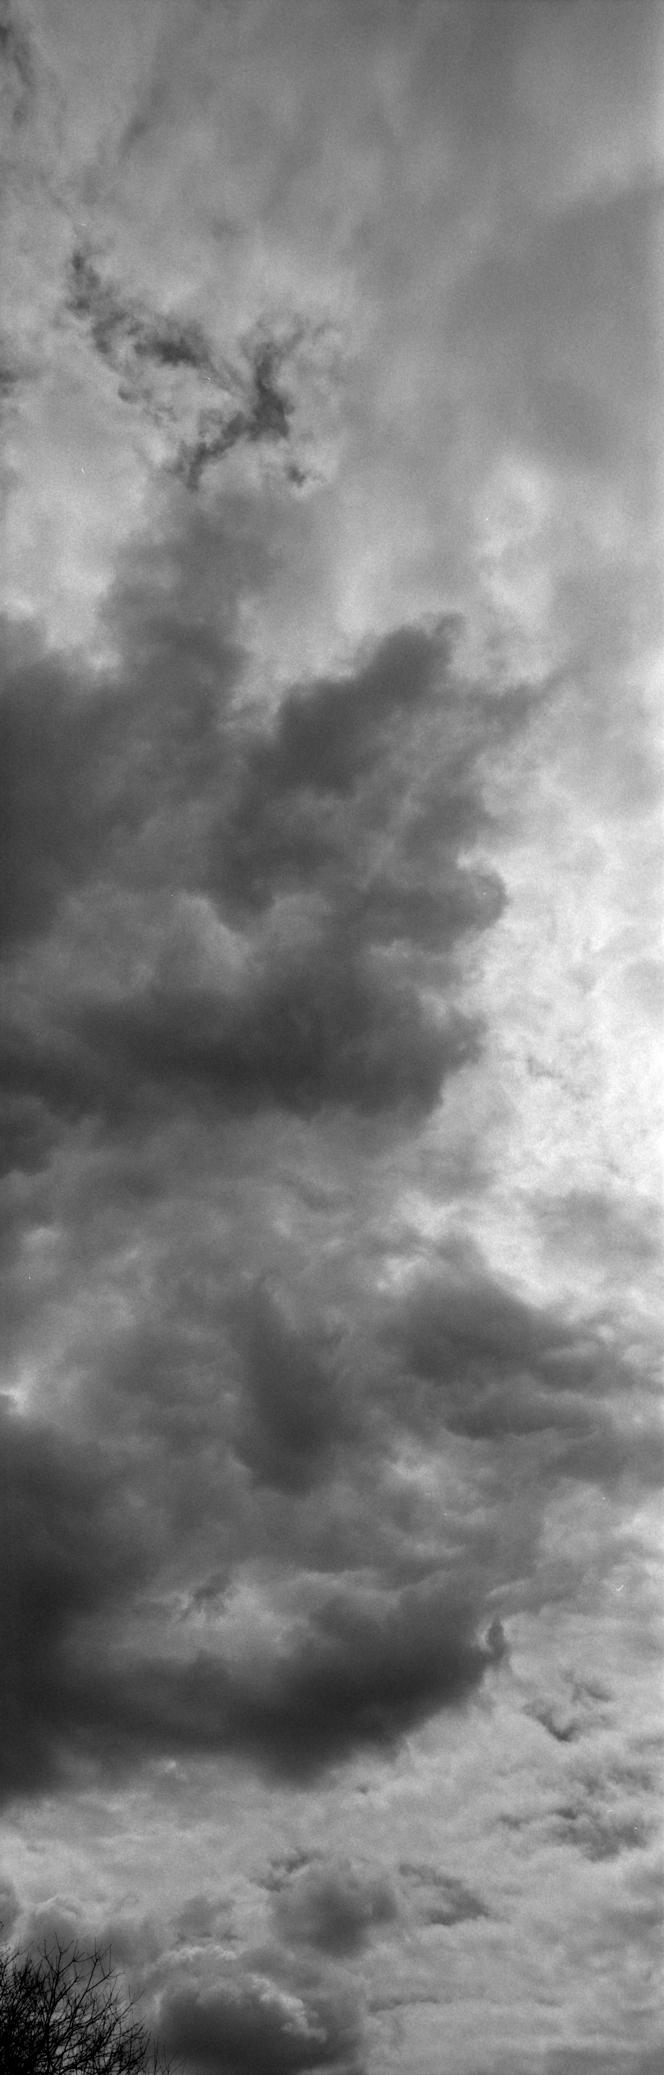 clouds 2010